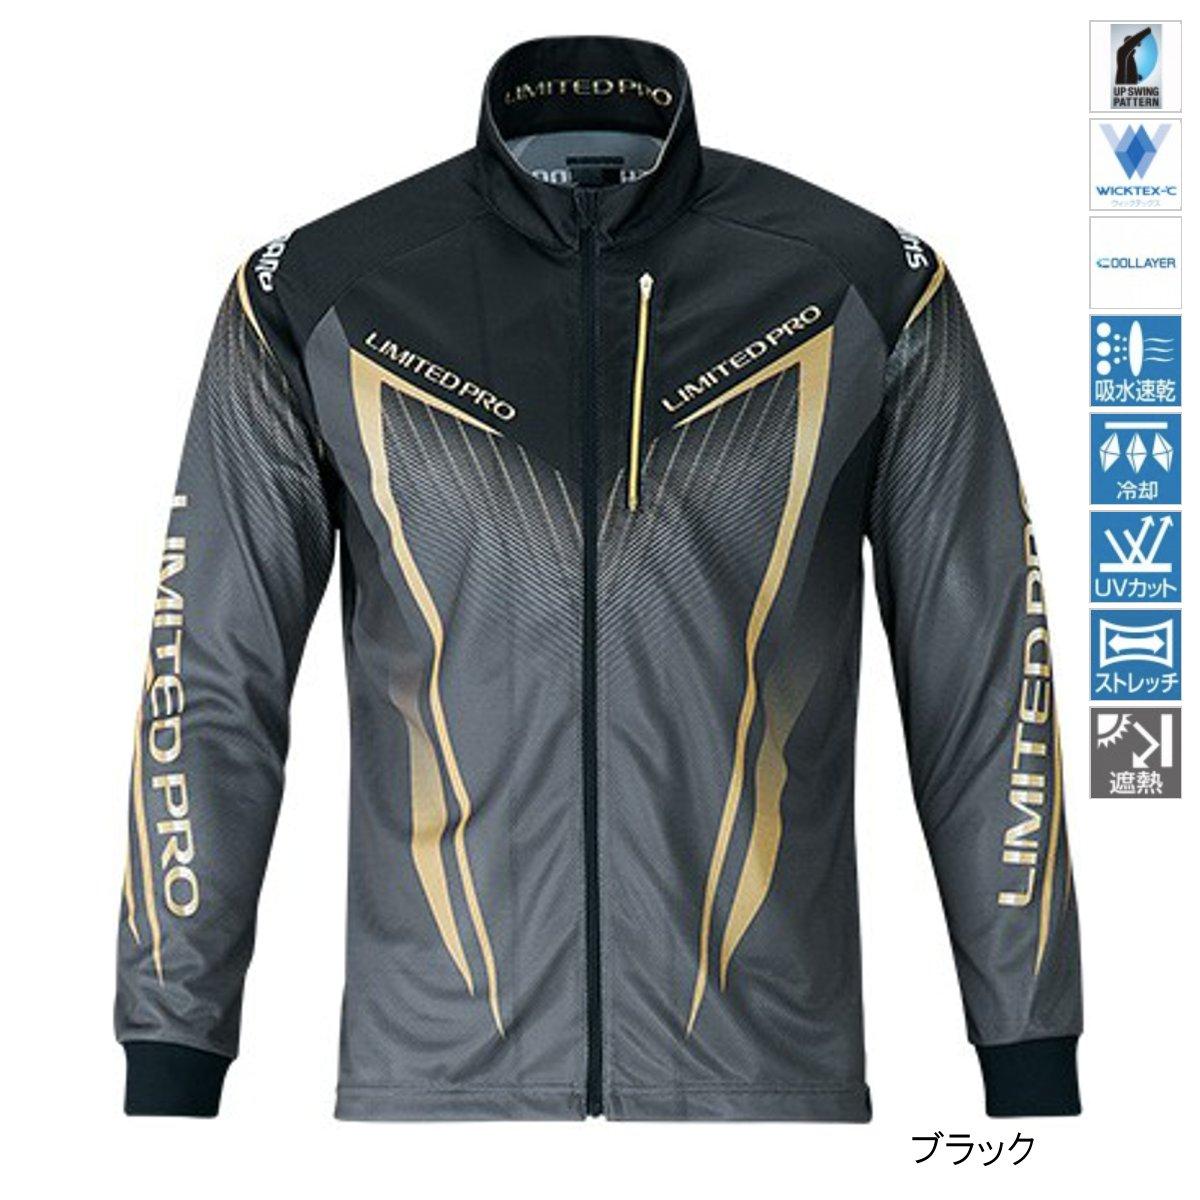 シマノ フルジップシャツLIMITED PRO(長袖) SH-011S XL ブラック(東日本店)